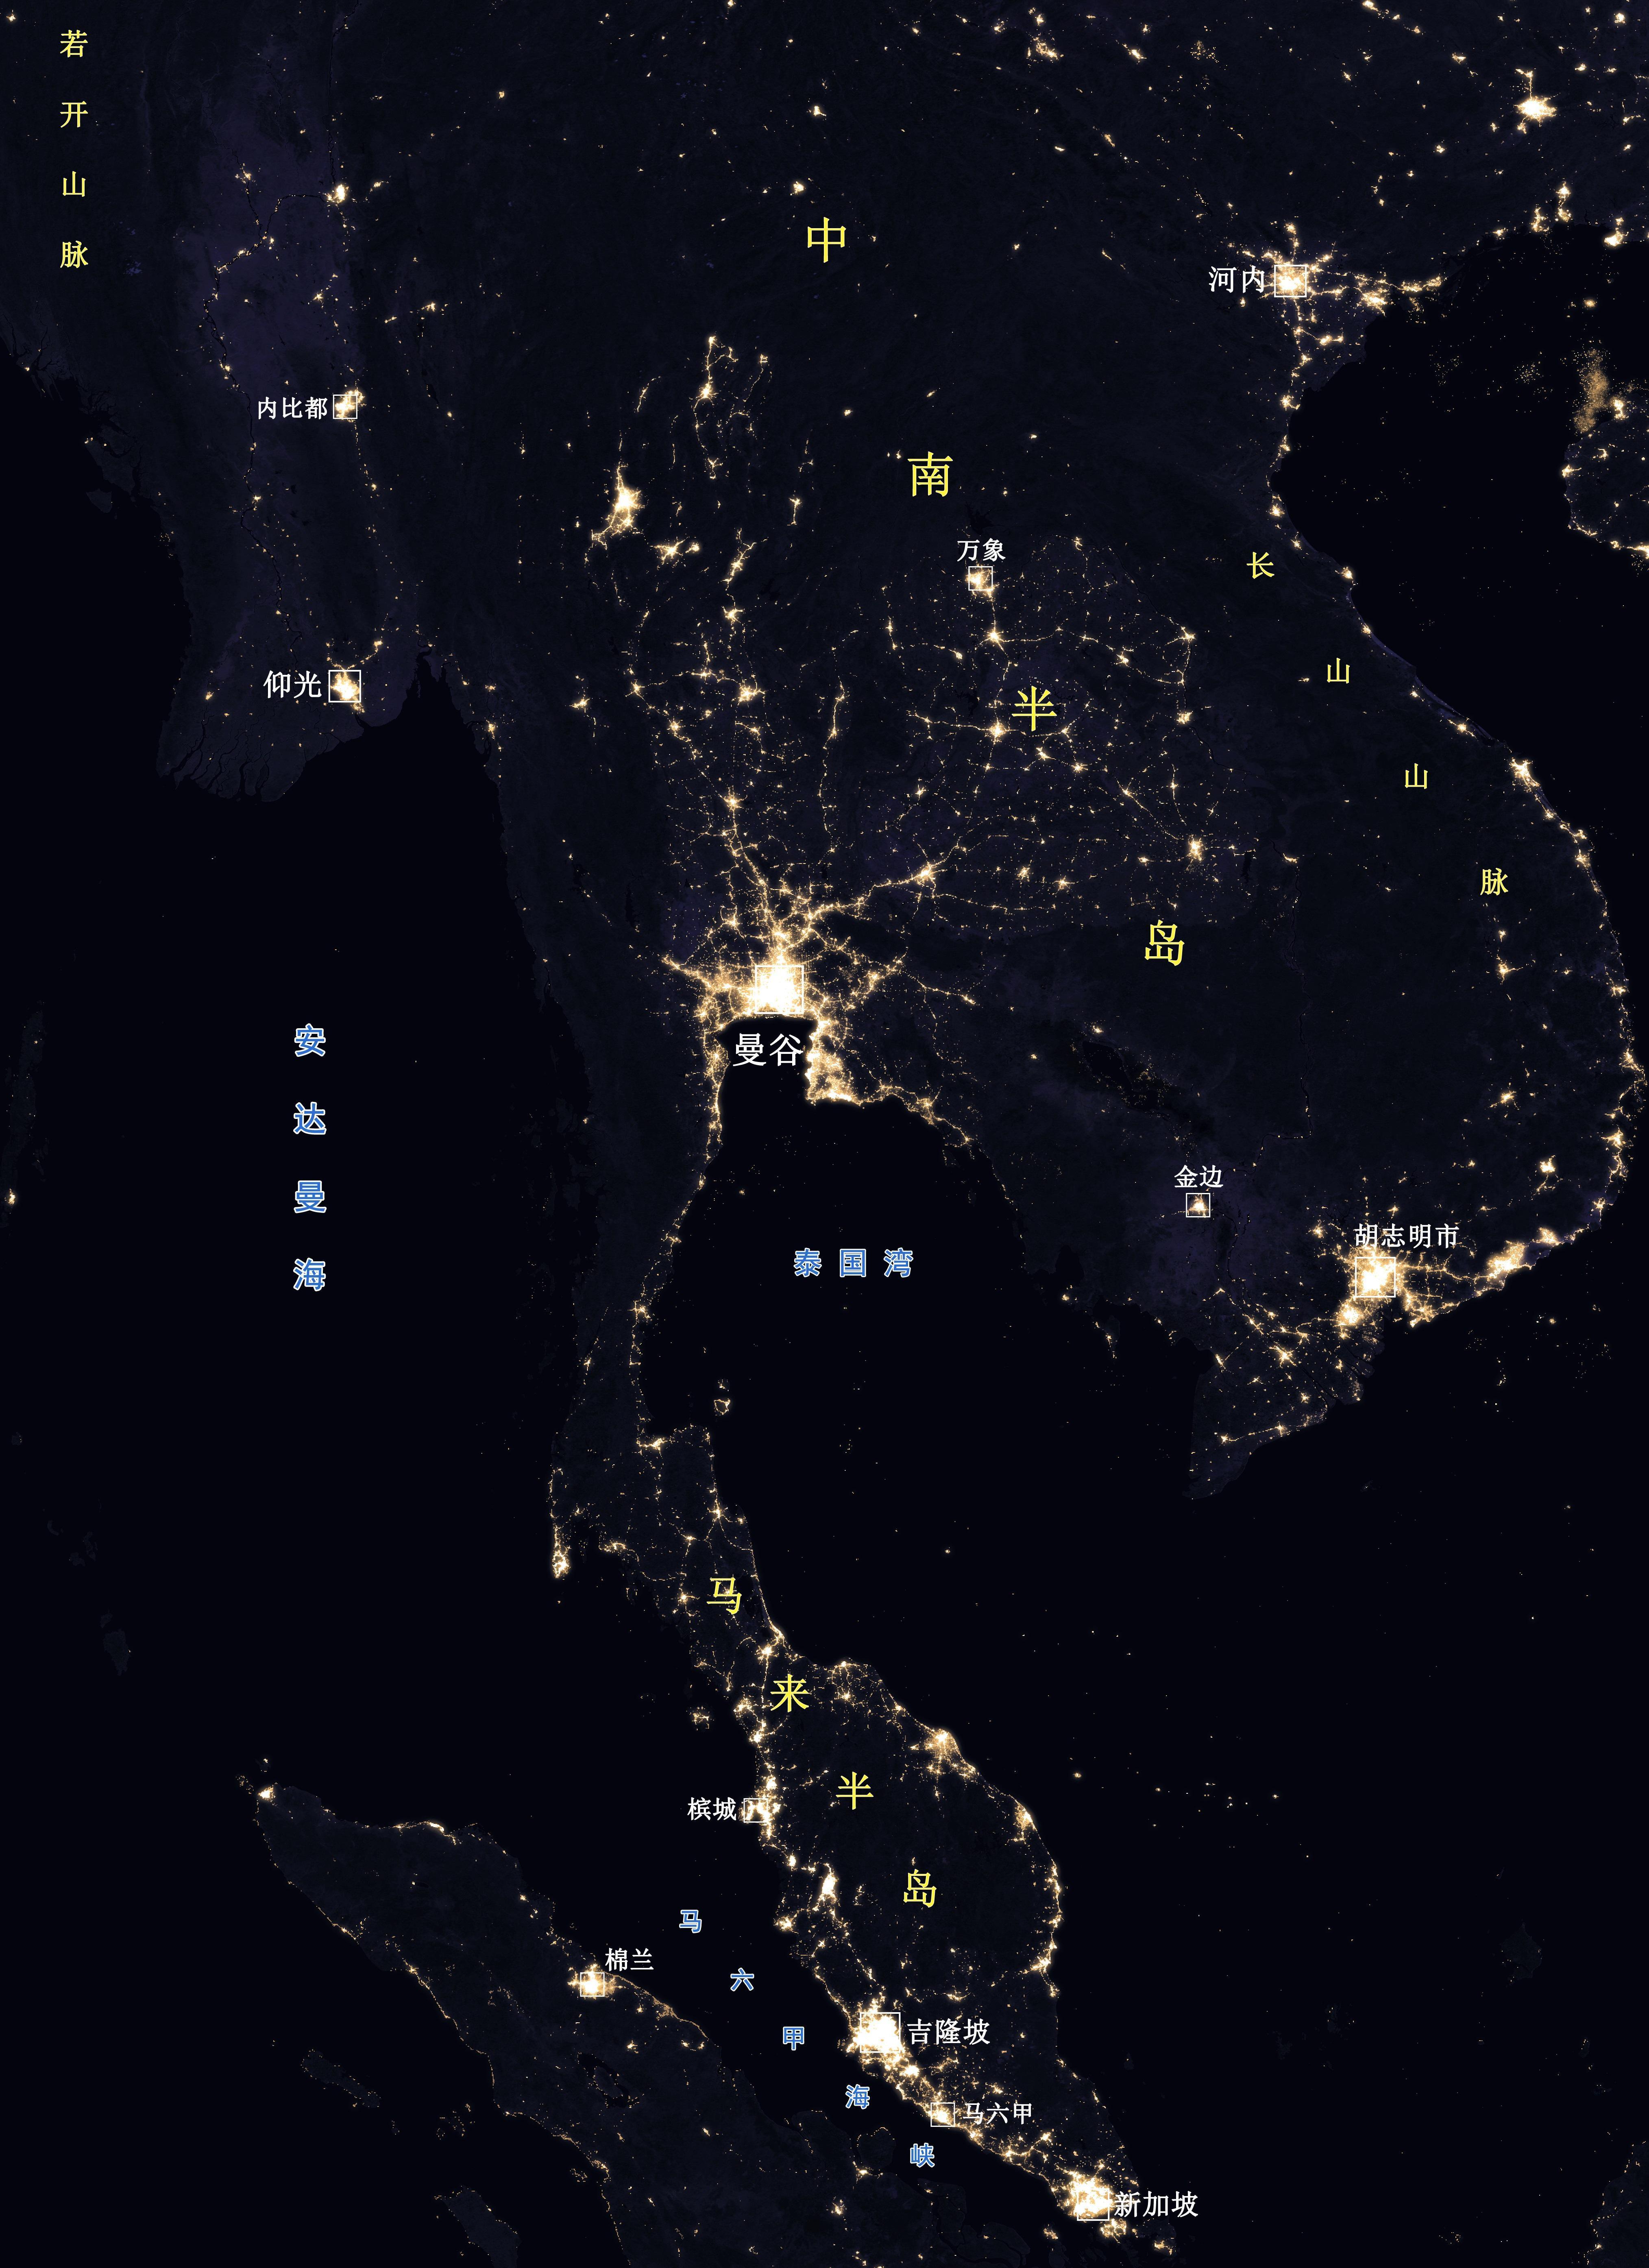 澳门皇冠金沙网站 3